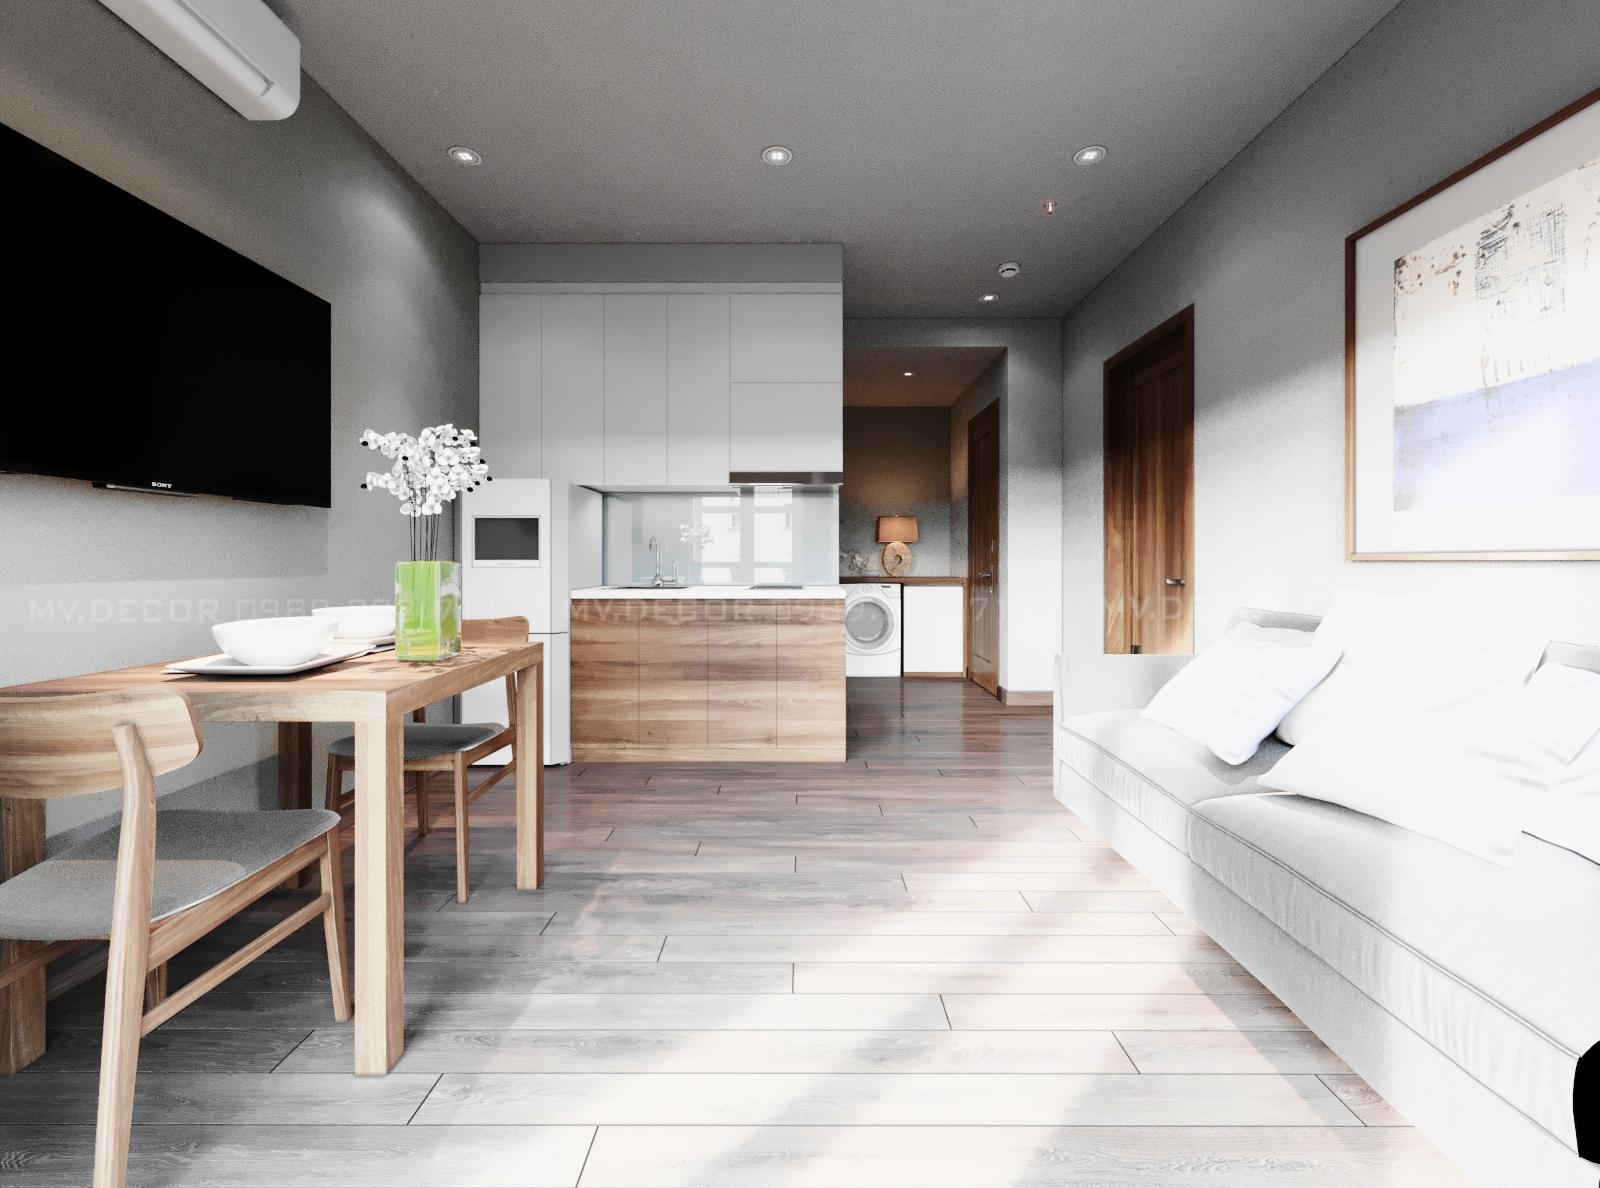 thiết kế nội thất Khách Sạn tại Hải Phòng căn hộ khách sạn cho thuê  6 1562943964